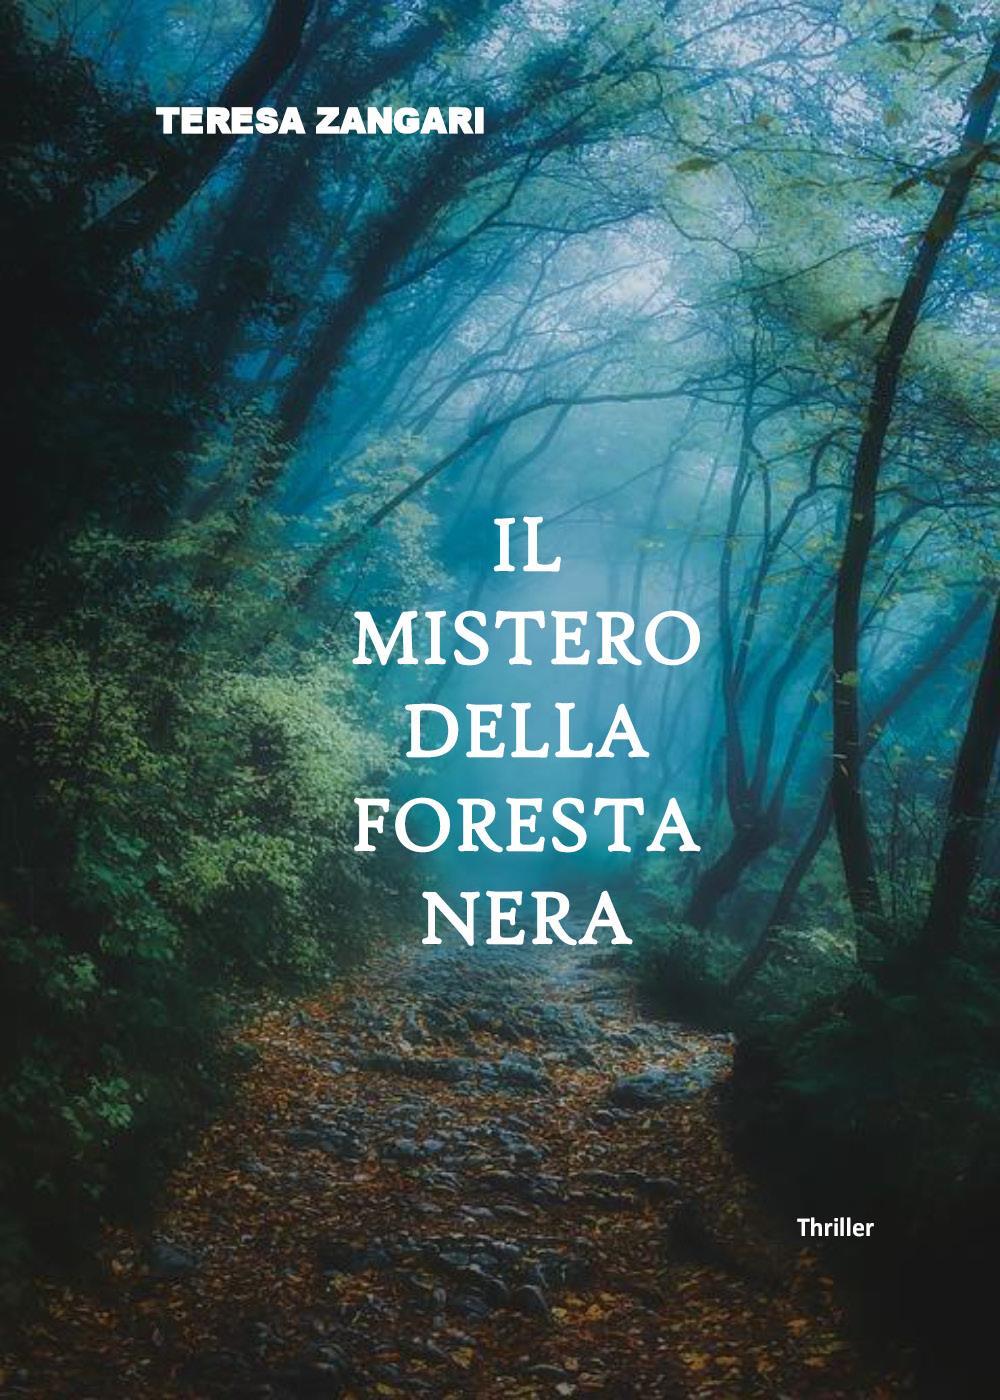 Il mistero della foresta nera